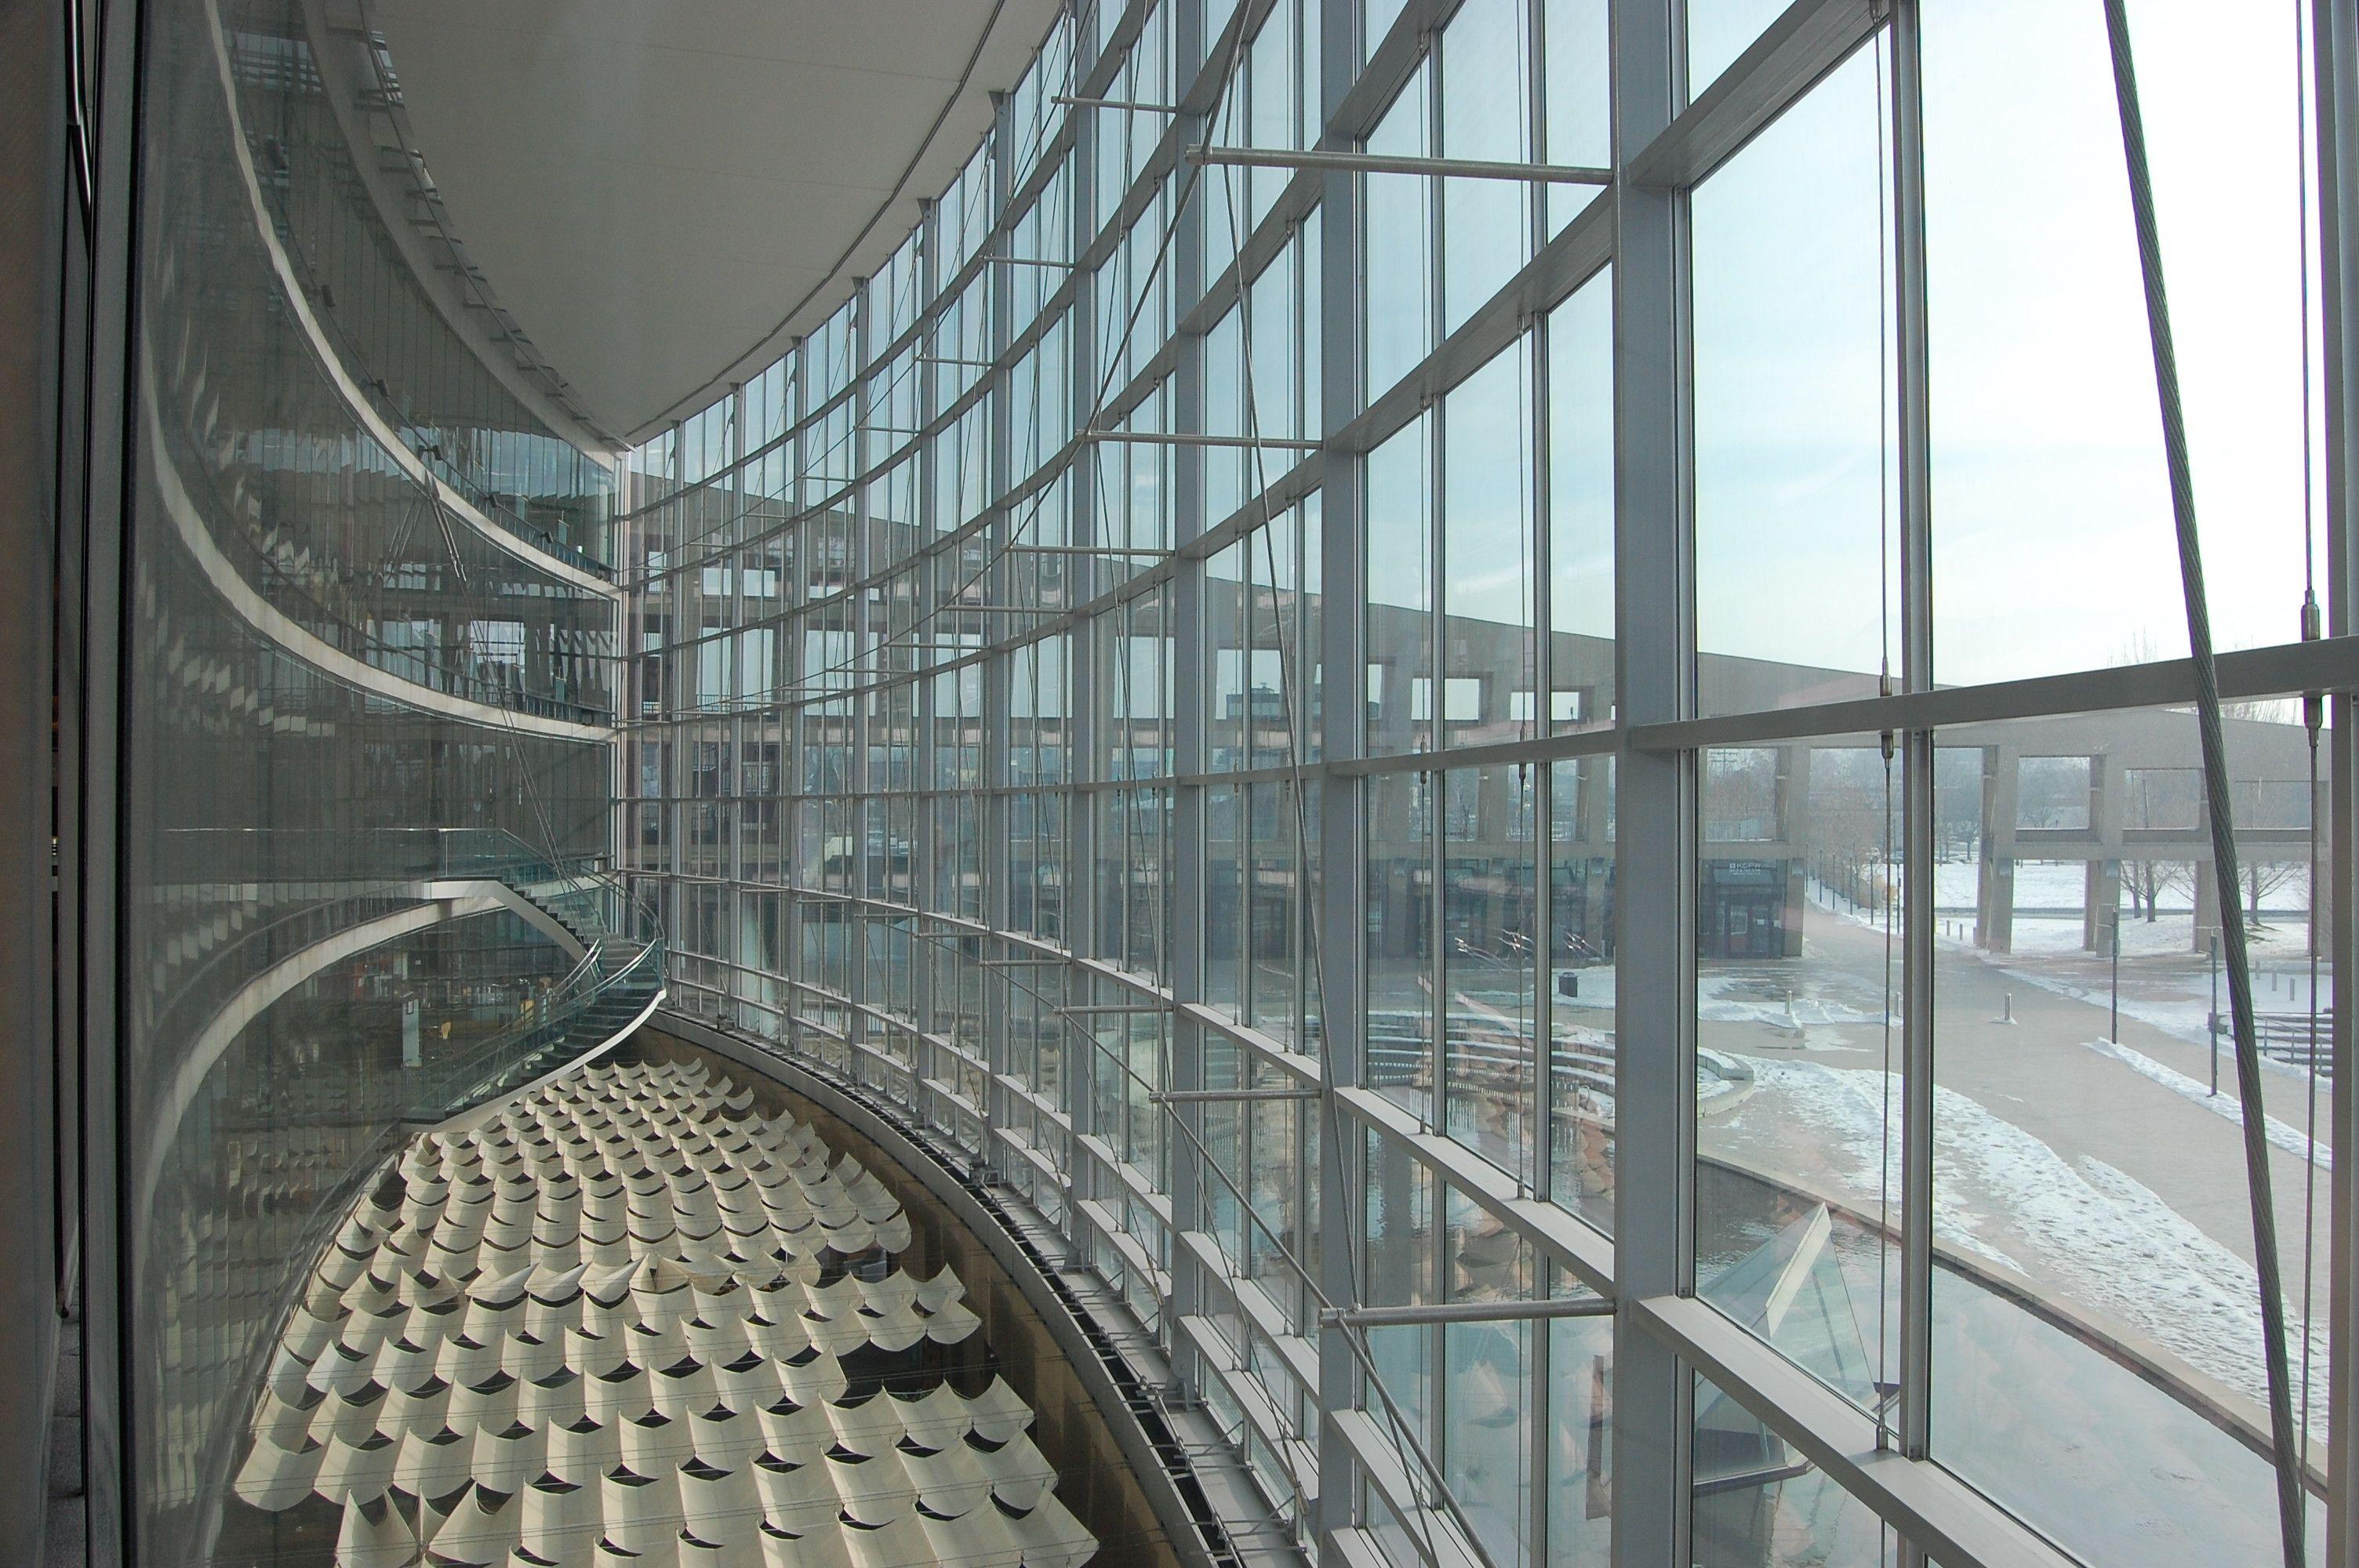 Edificio The lens